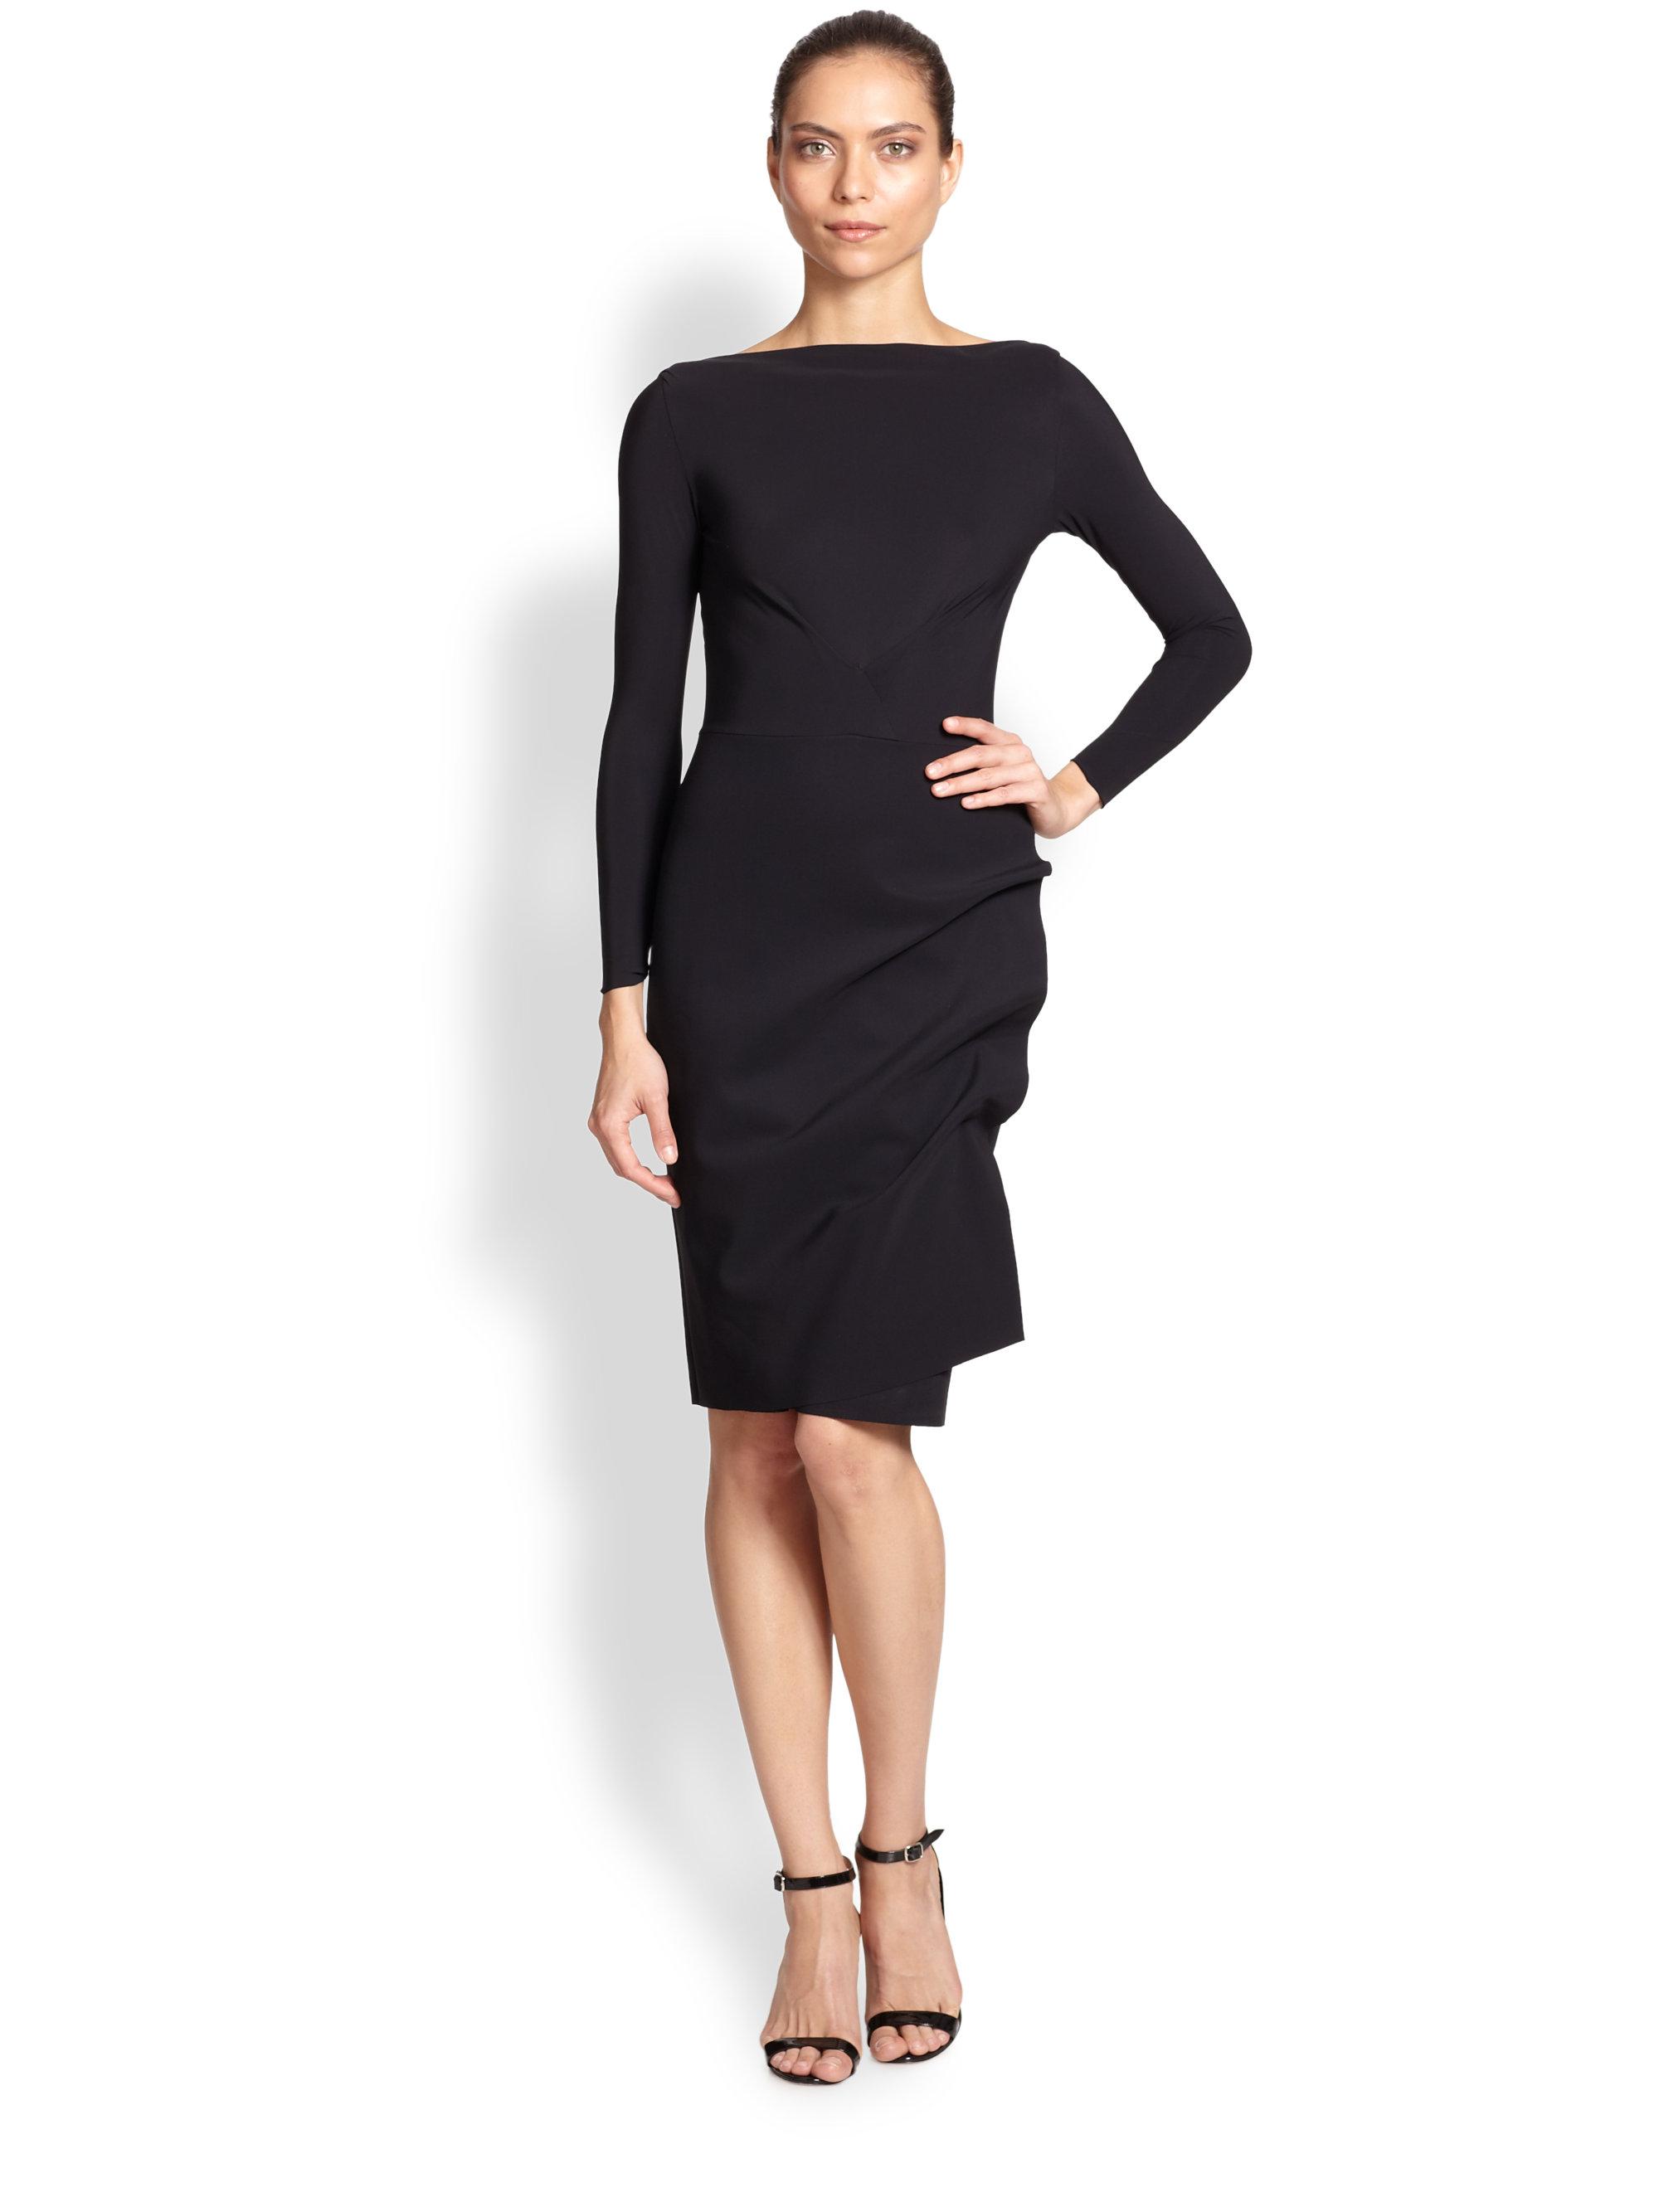 d1611067dbc68c la-petite-robe-di-chiara-boni-black-long-sleeve-cocktail-dress-product-1-25545252-1-072286292-normal.jpeg